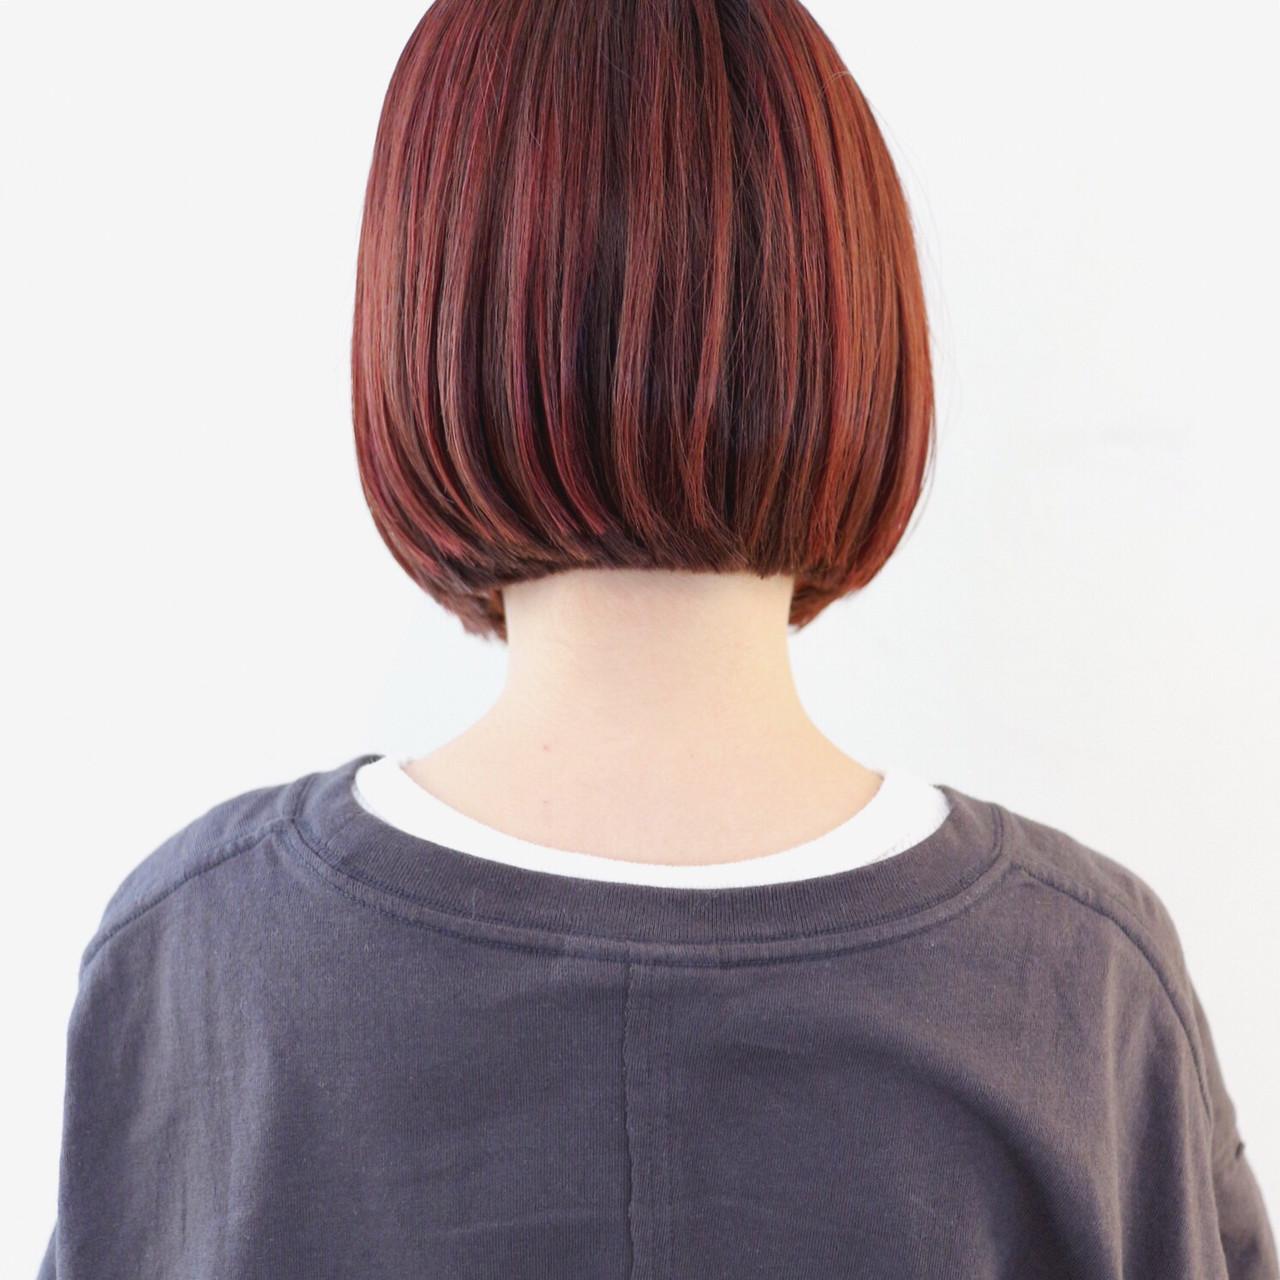 ストリート ブリーチカラー インナーカラー ハイライト ヘアスタイルや髪型の写真・画像